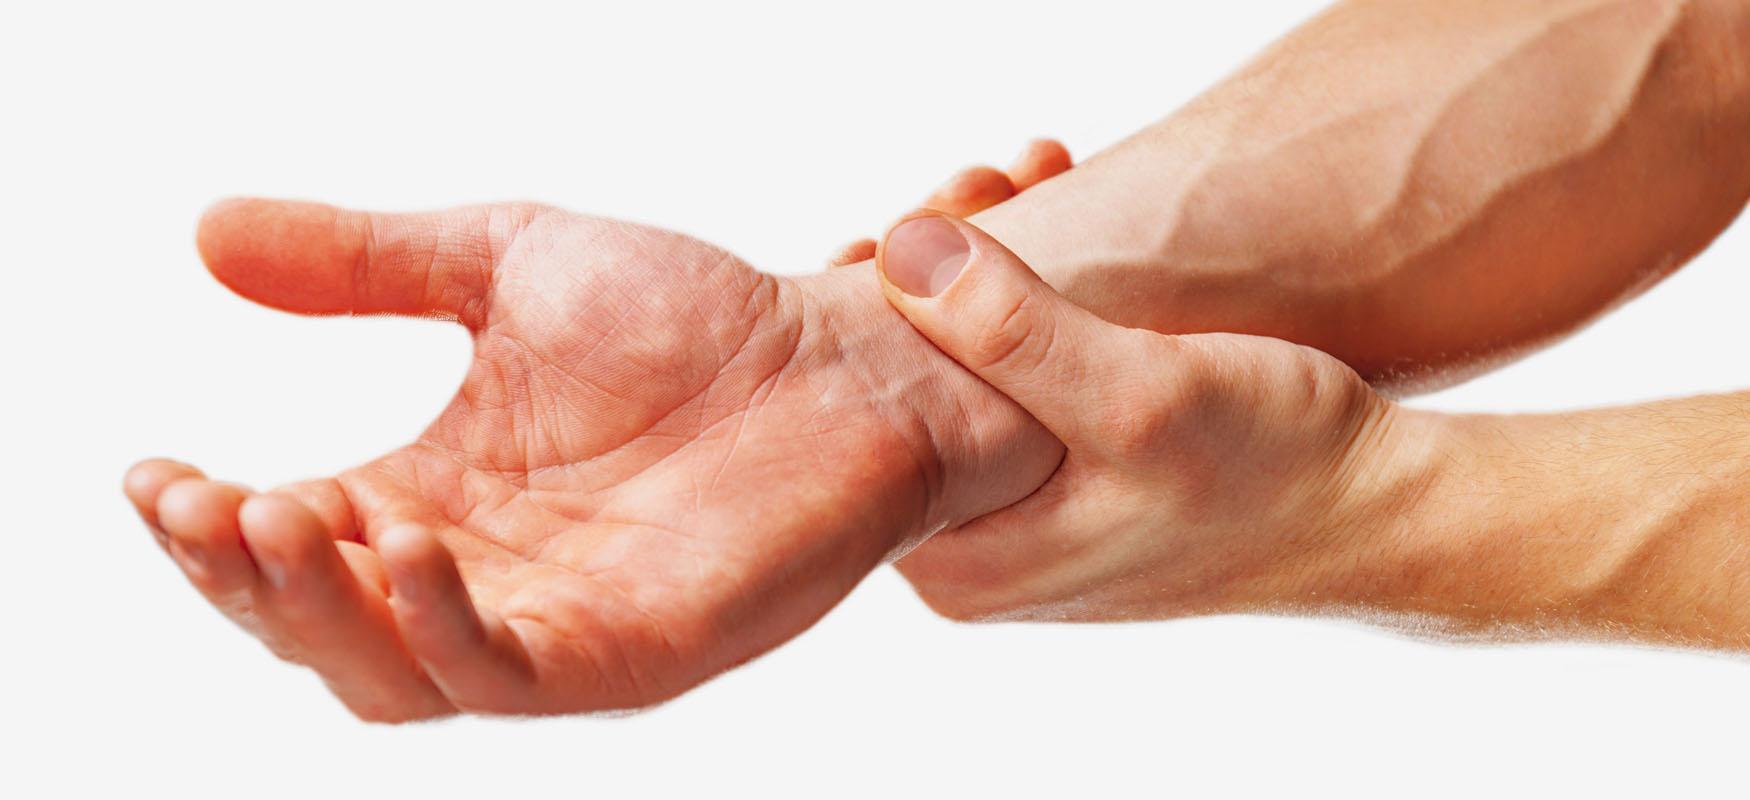 Choroba Dupuytrena – przyczyny, objawy, rehabilitacja